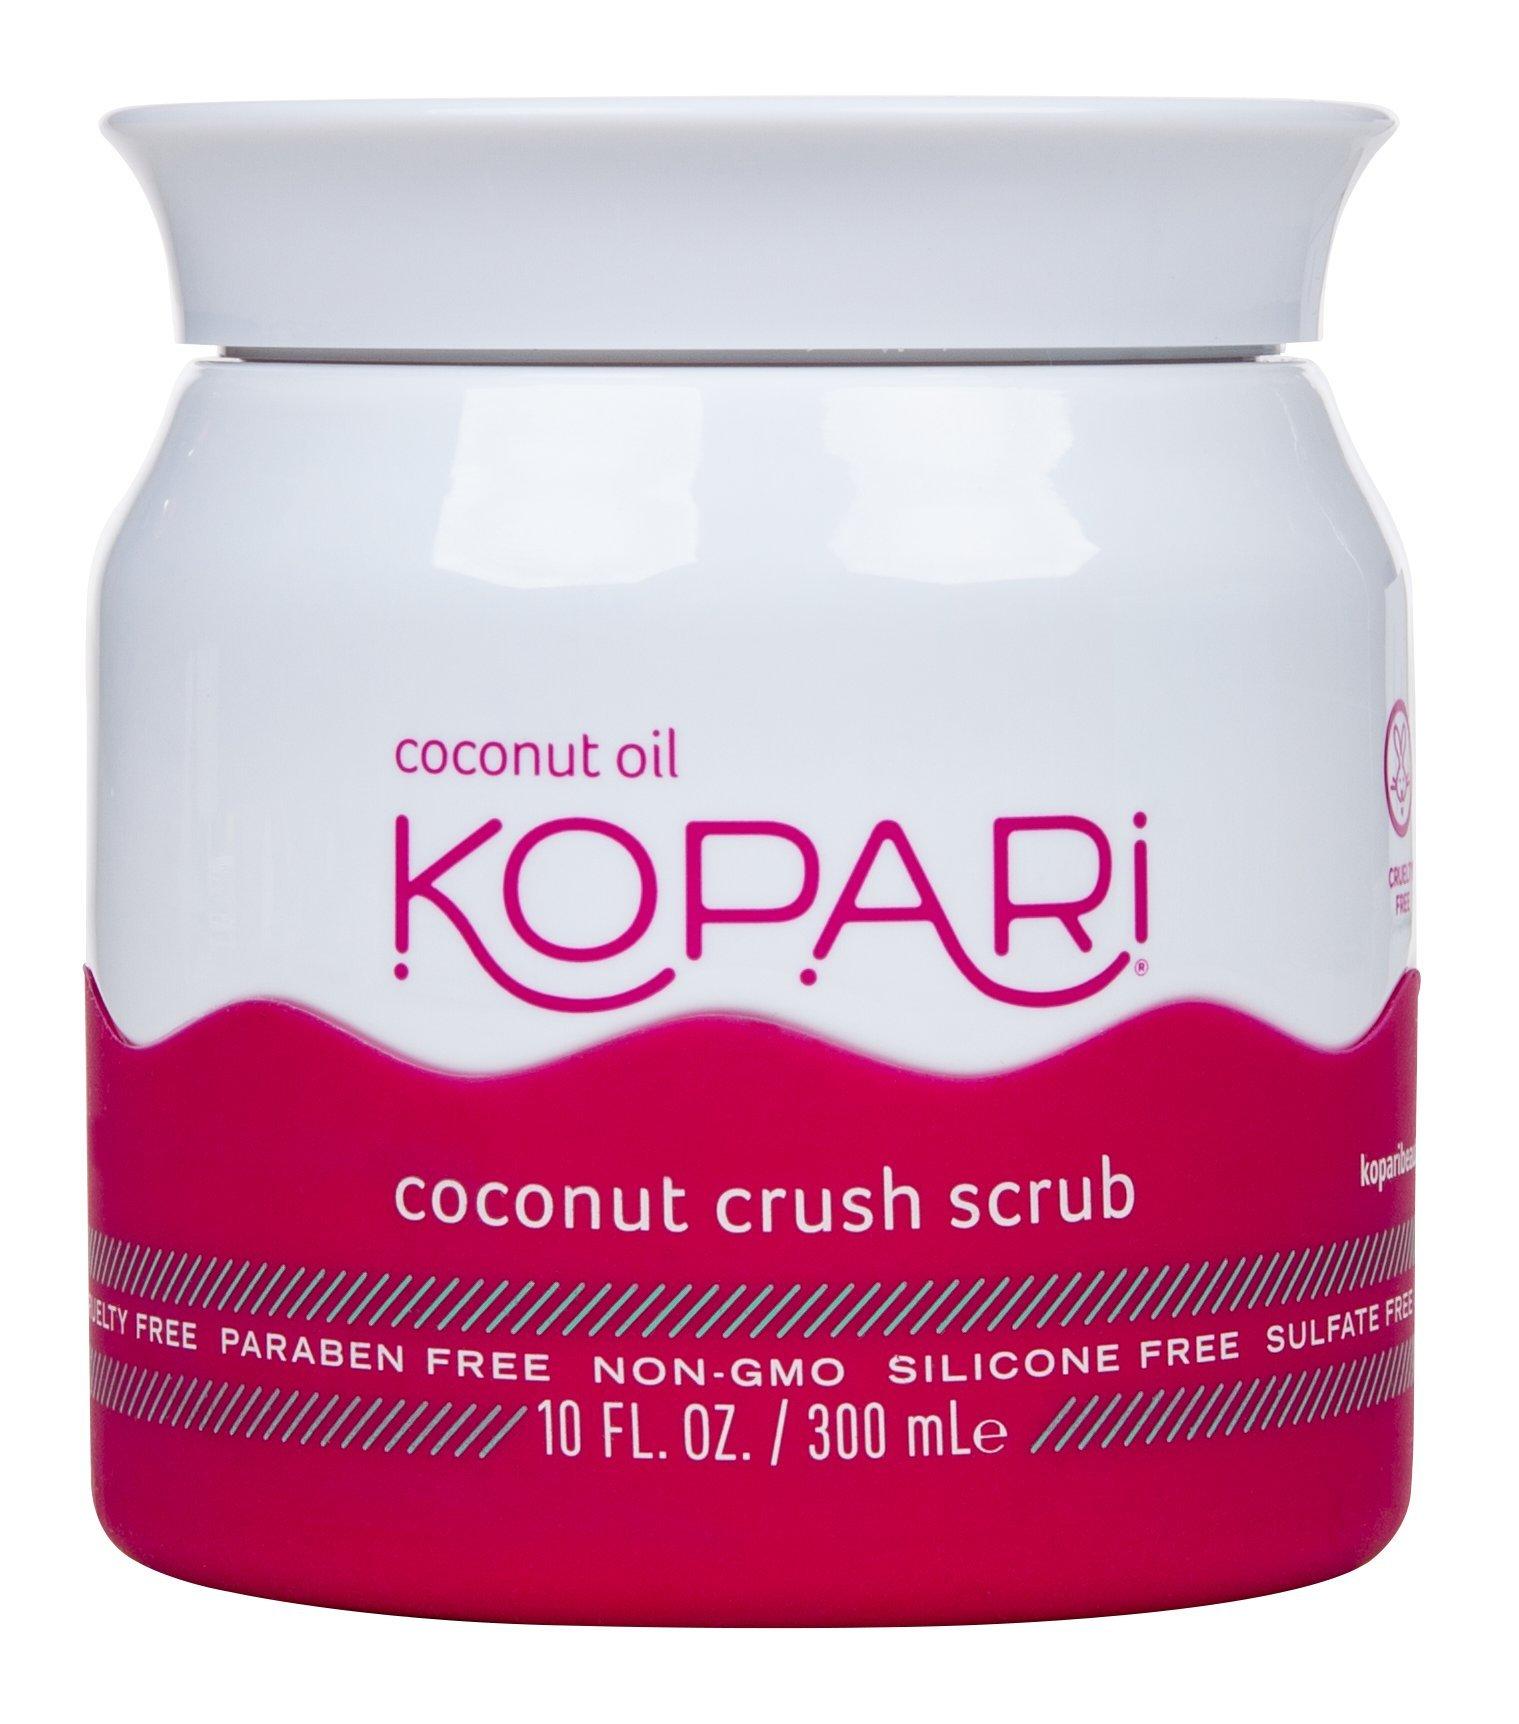 Kopari Coconut Crush Scrub - Brown Sugar Scrub to Exfoliate, Shrink the Appearance of Pores, Help Undo Dark & Age Spots + More With 100% Organic Coconut Oil, Non GMO, and Cruelty Free 10 Oz by Kopari